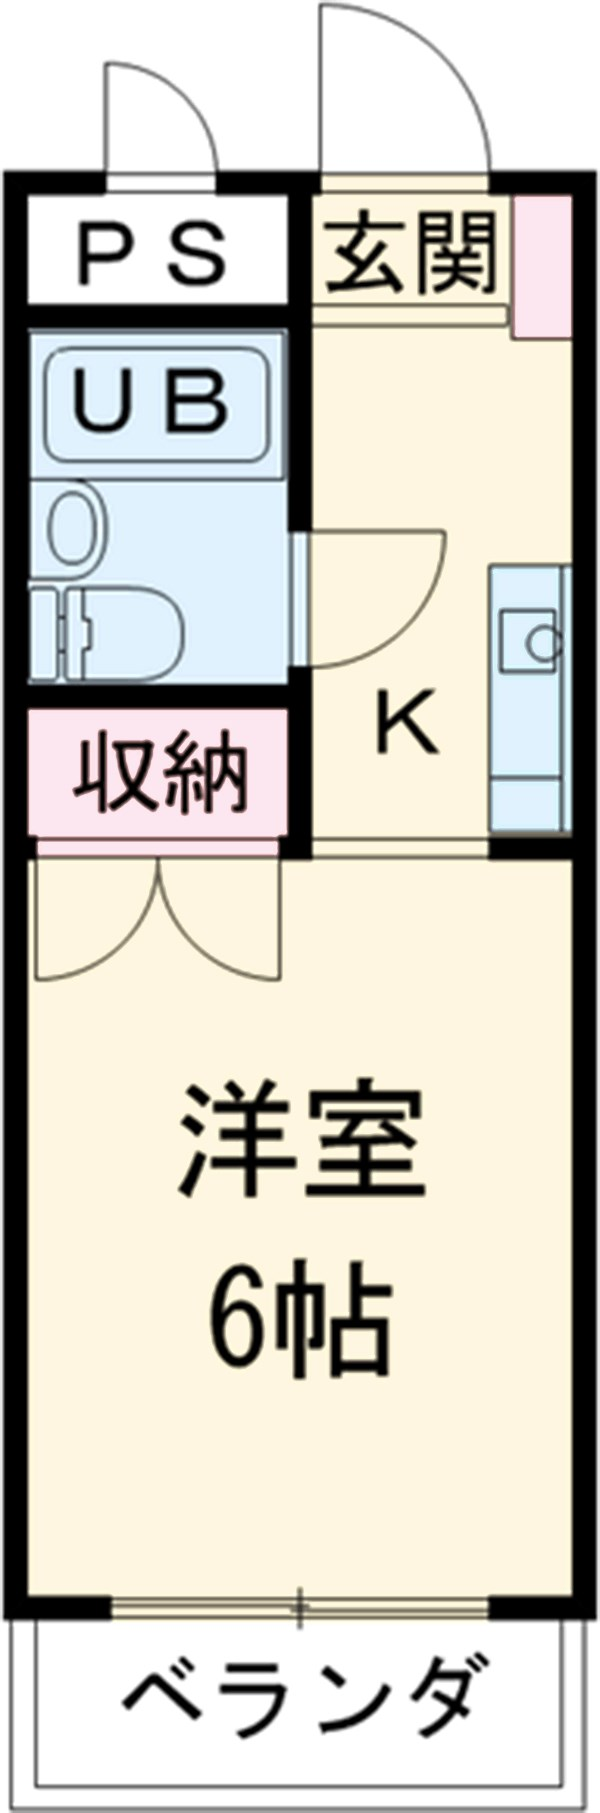 リバーサイド三田Ⅱ・122号室の間取り